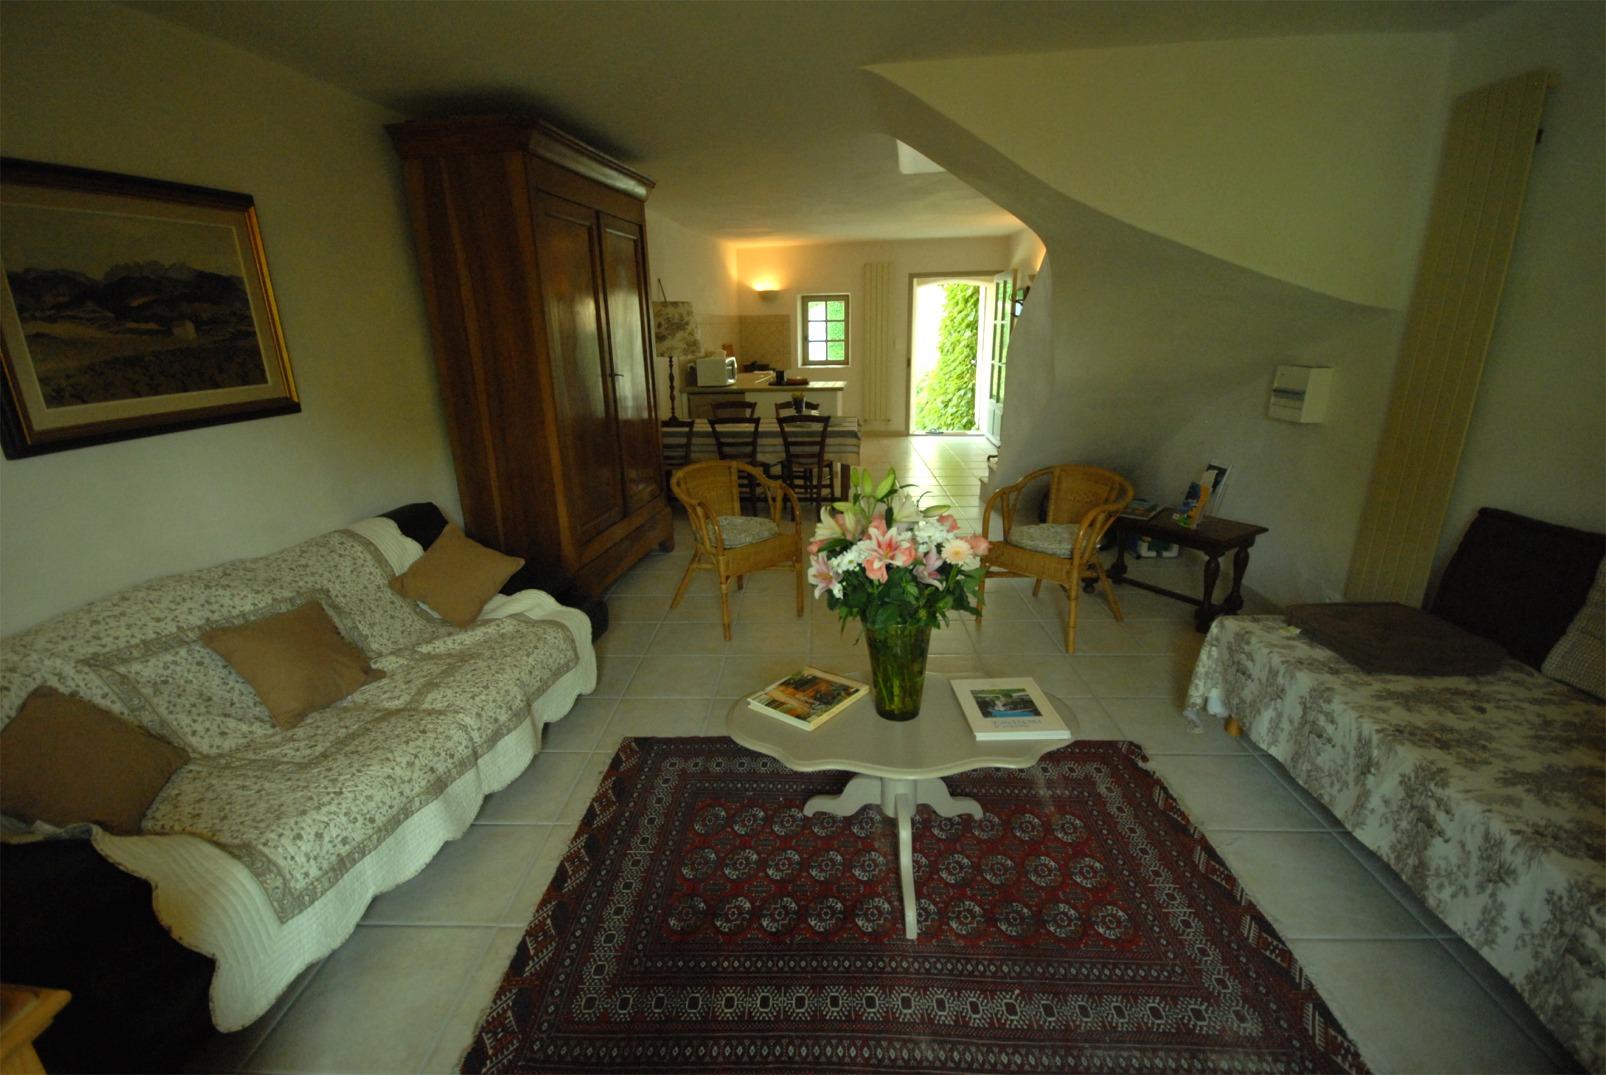 les petites sources photo et am nagement photos maison d 39 hotes de charme aix en provence. Black Bedroom Furniture Sets. Home Design Ideas